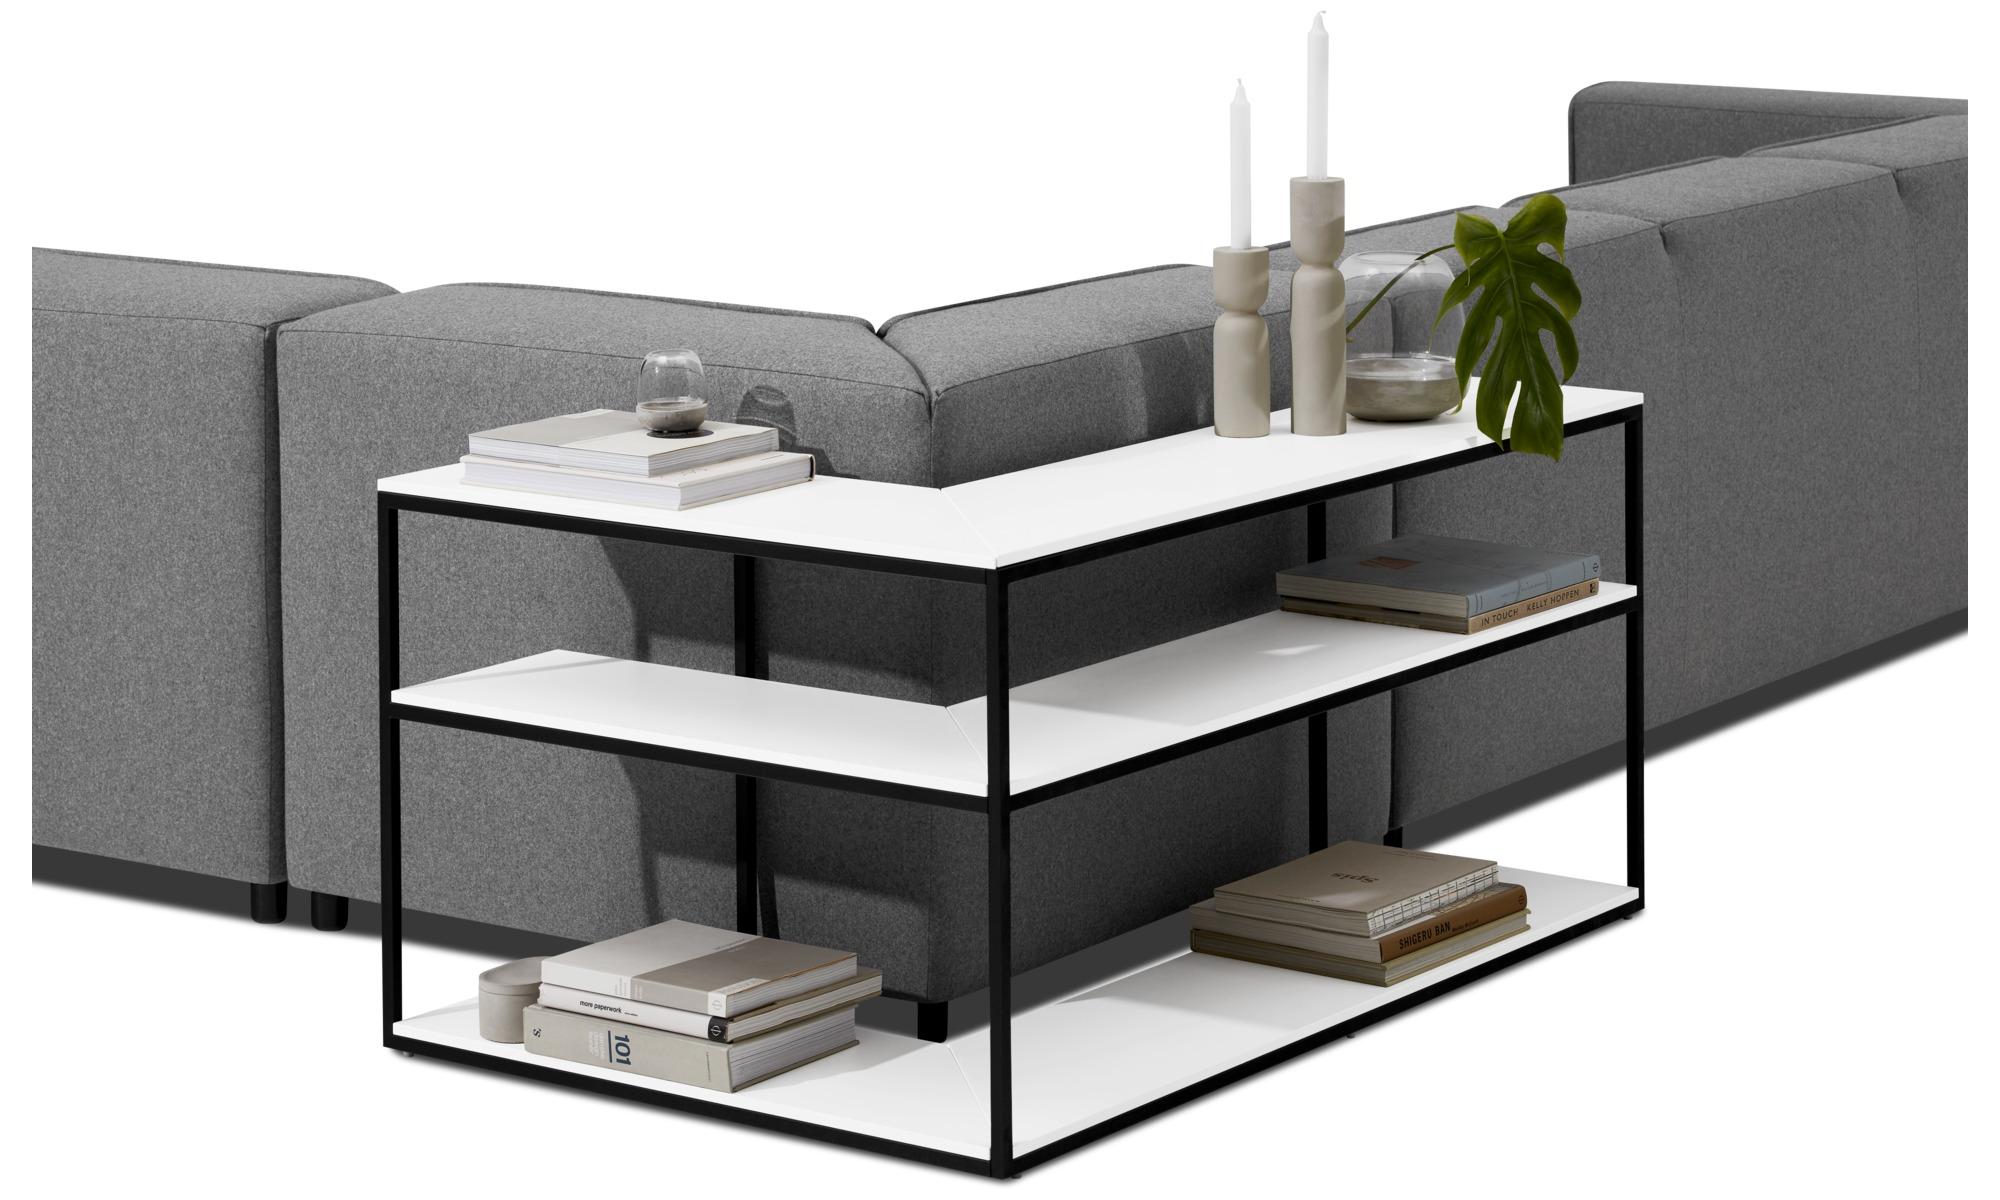 hyllsystem bordeaux konsolbord boconcept. Black Bedroom Furniture Sets. Home Design Ideas